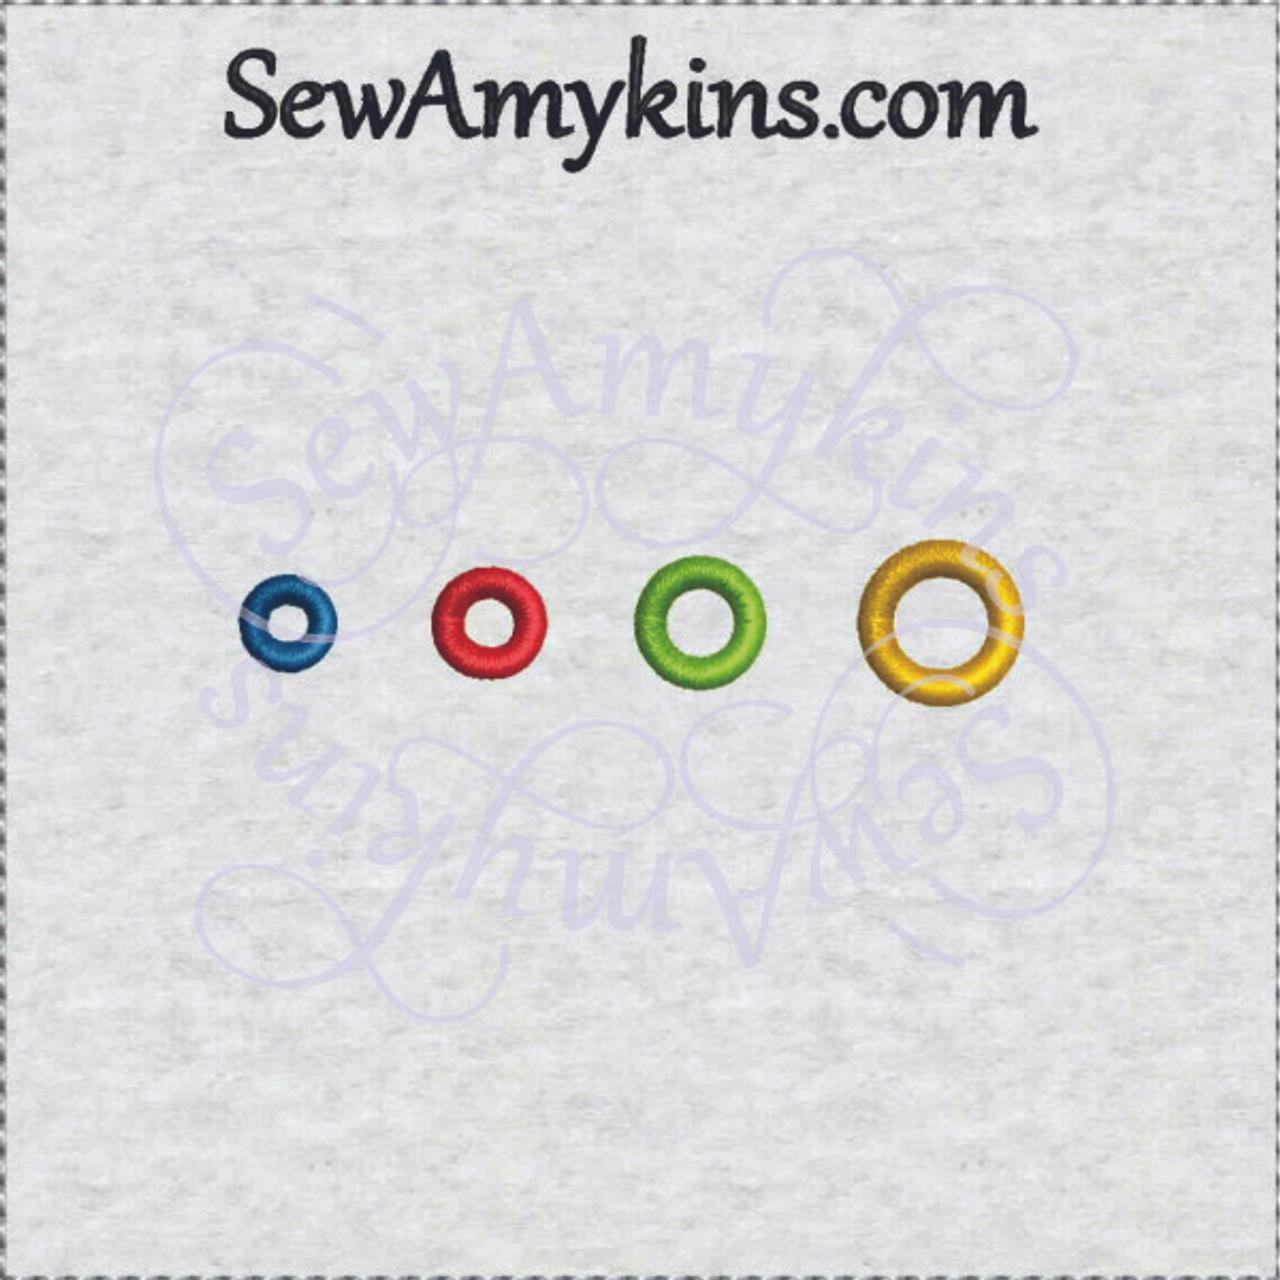 Eyelet hole round shape machine embroidery sizes button